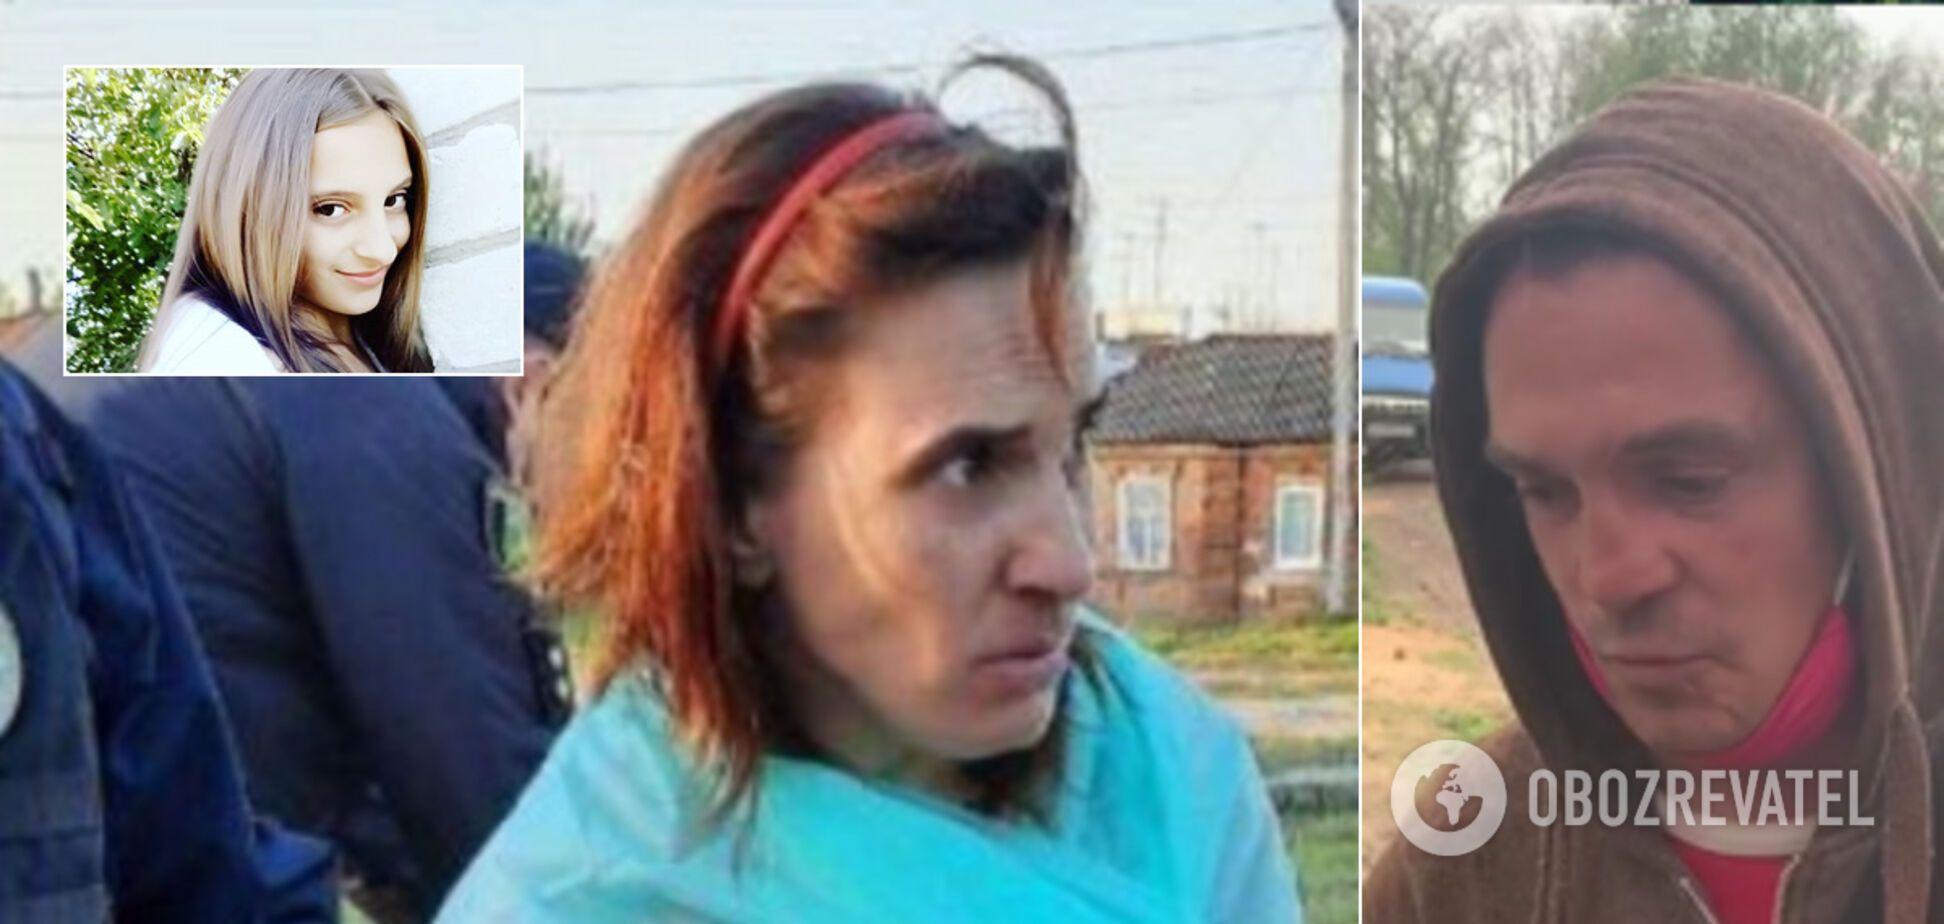 Отец жестоко убитой девочки под Харьковом рассказал о жене-'провидице'. Видео